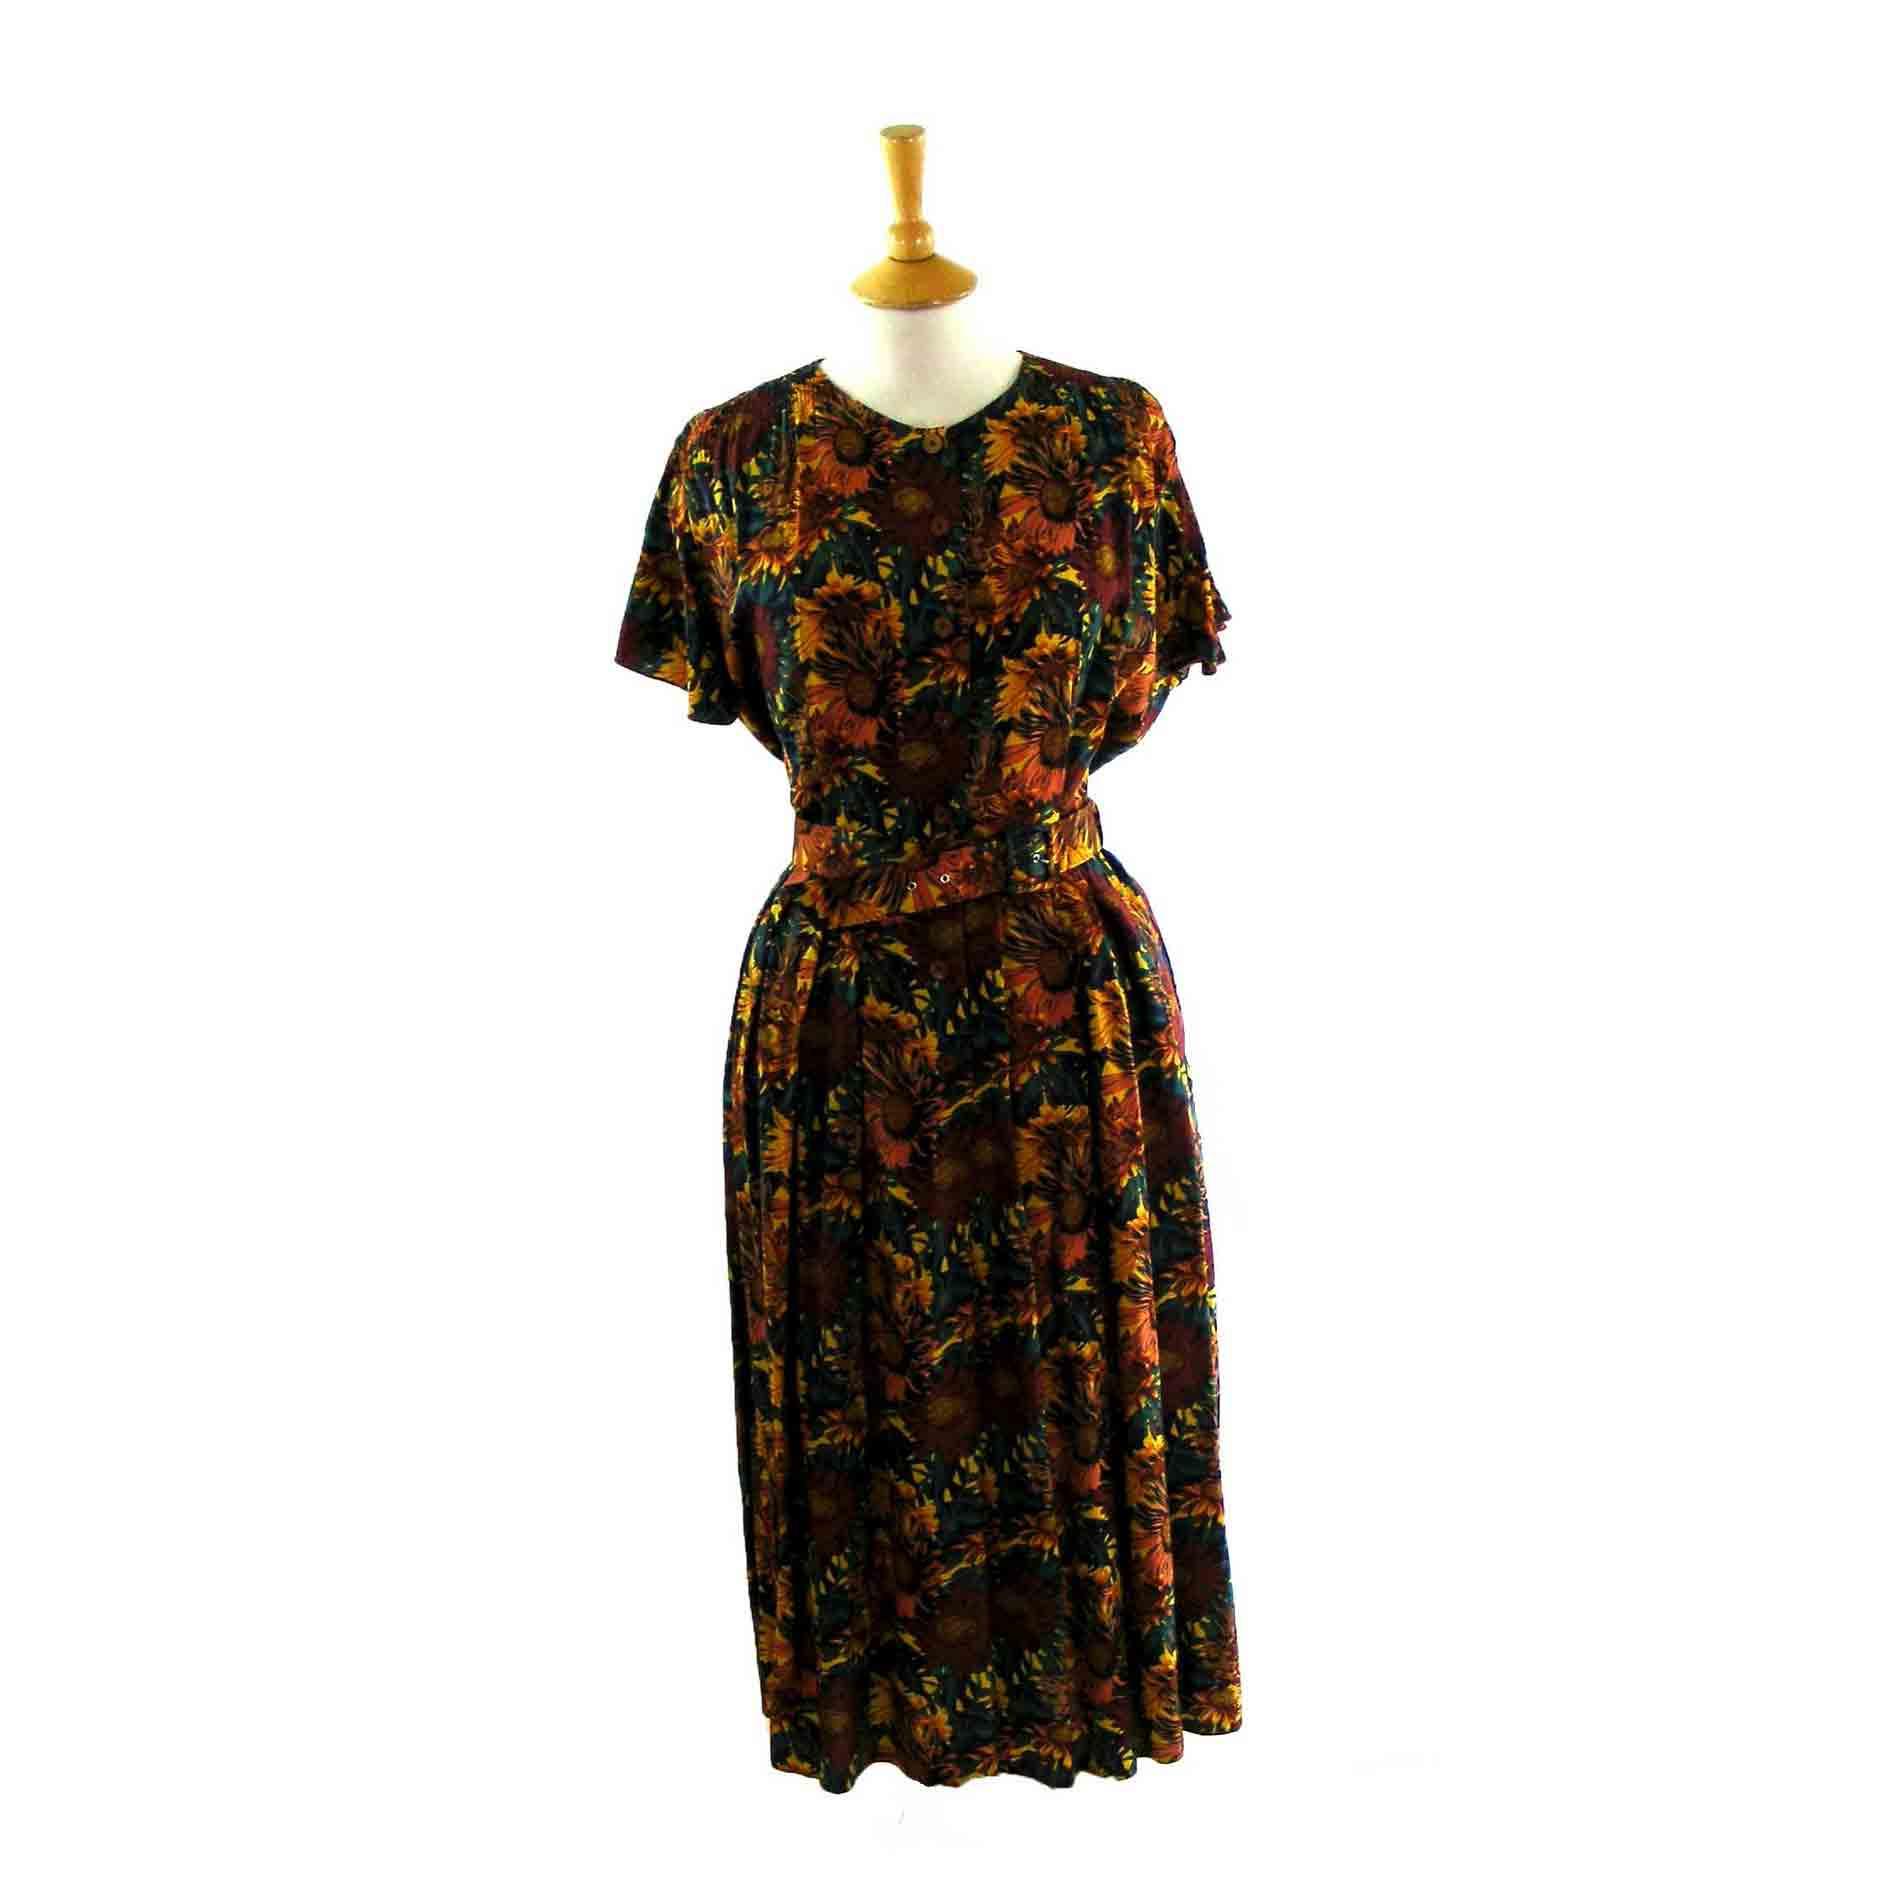 90s Floral Dress Vintage Clothing Blue 17